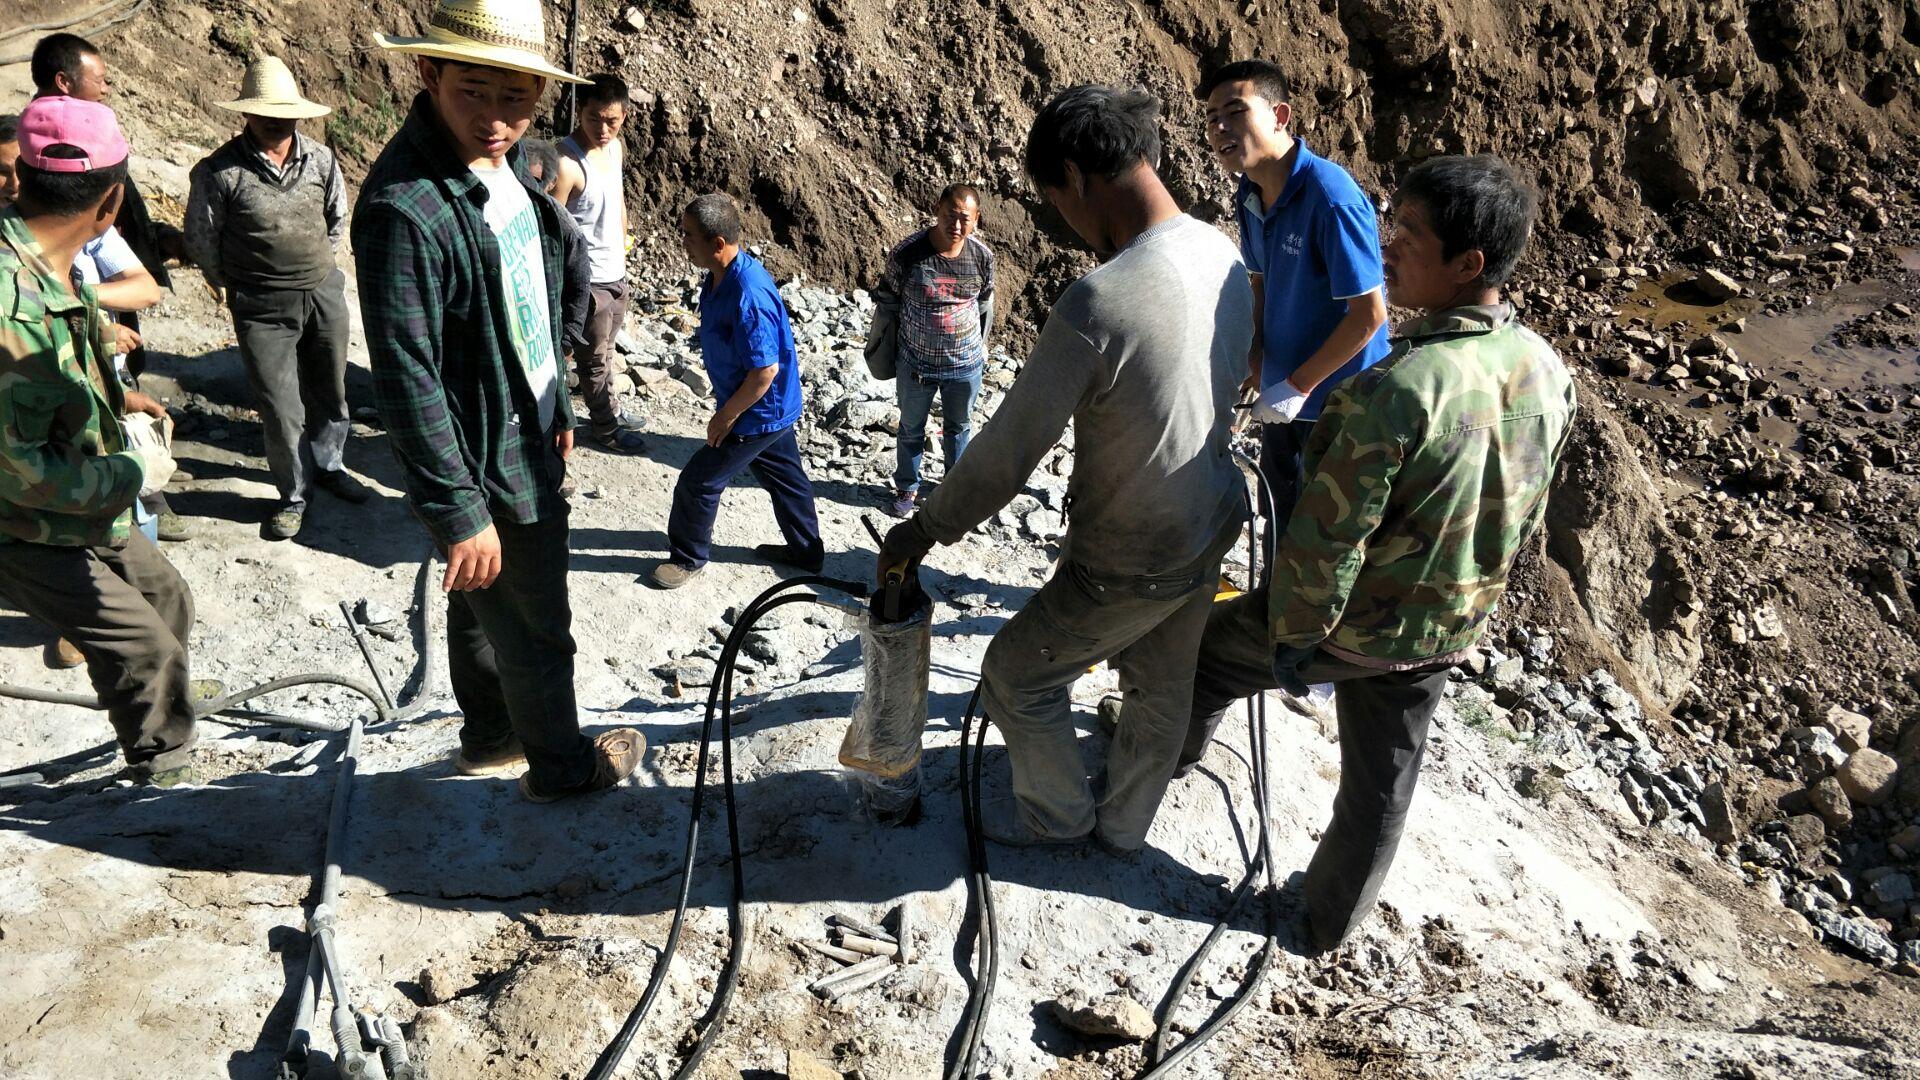 的劈裂棒矿山开山神器镁矿开采替代爆破破碎石头设备